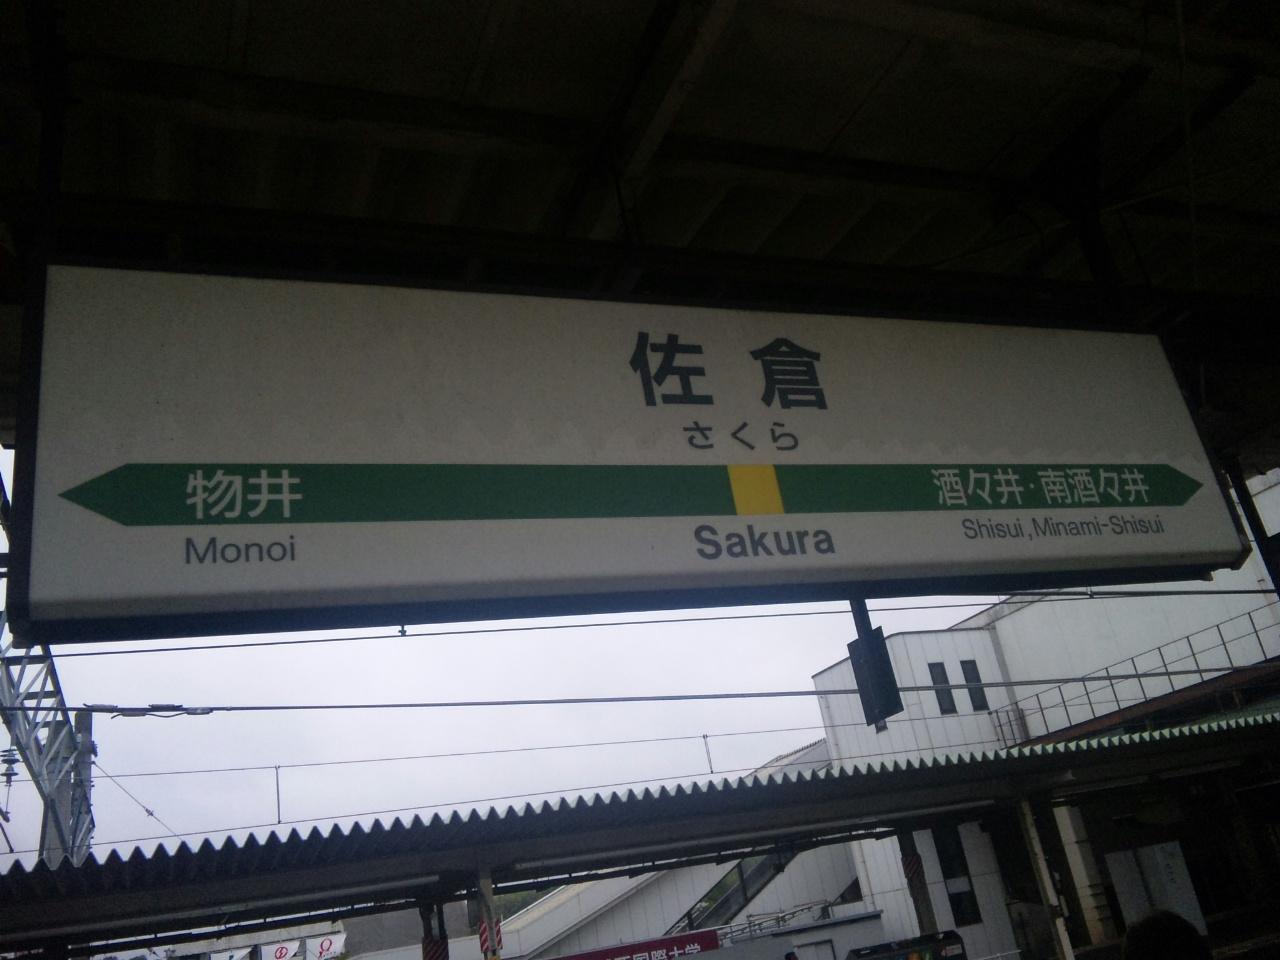 佐倉で乗り替え